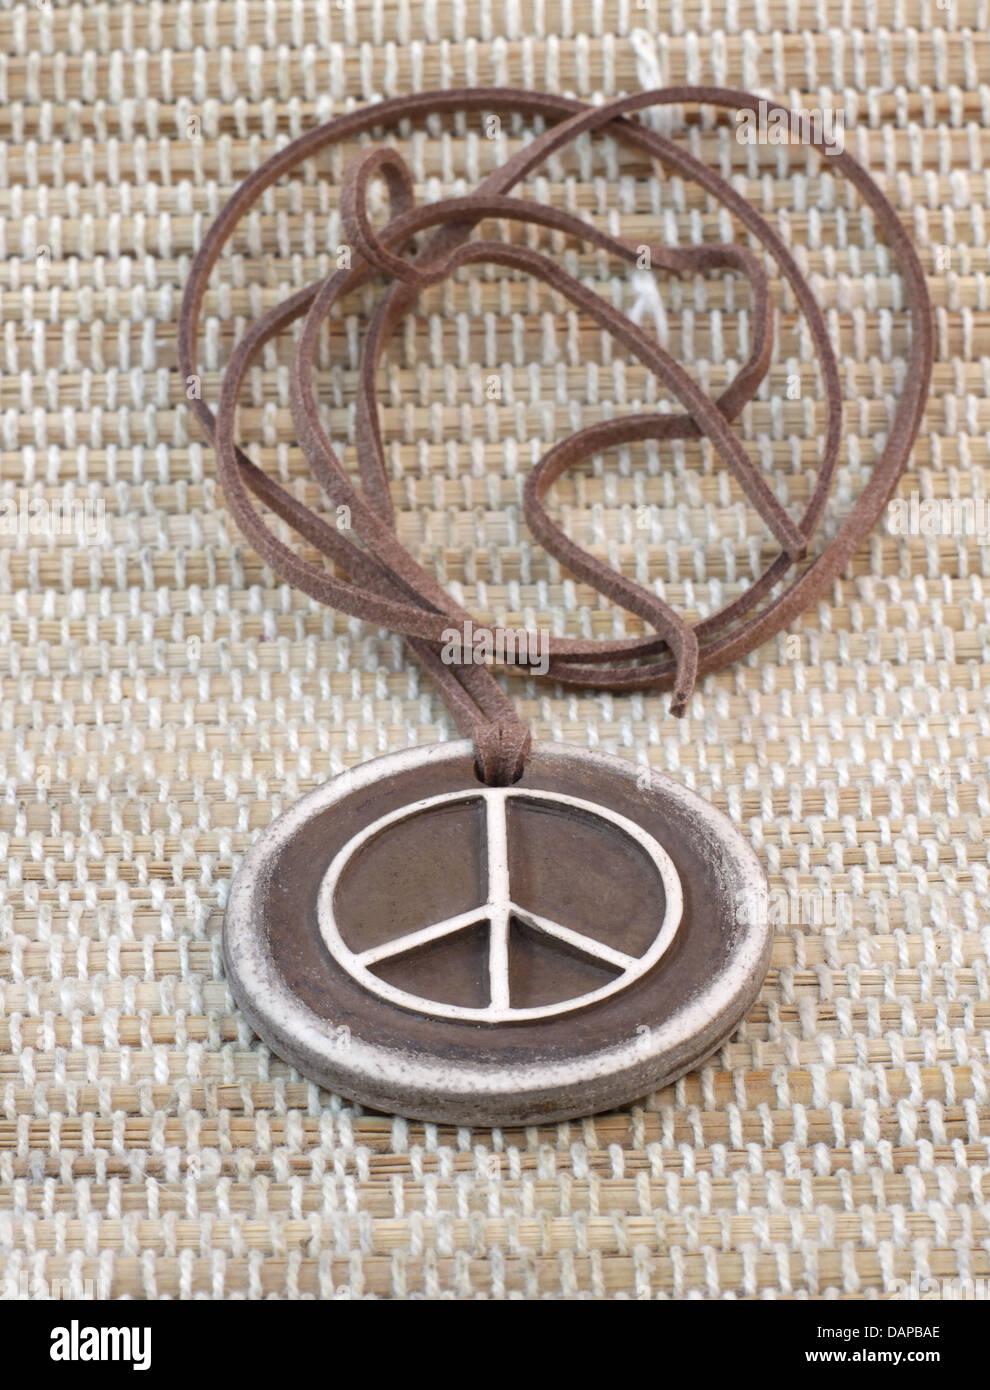 Telecomando di argilla fatti a mano pacifista il simbolo della pace Immagini Stock